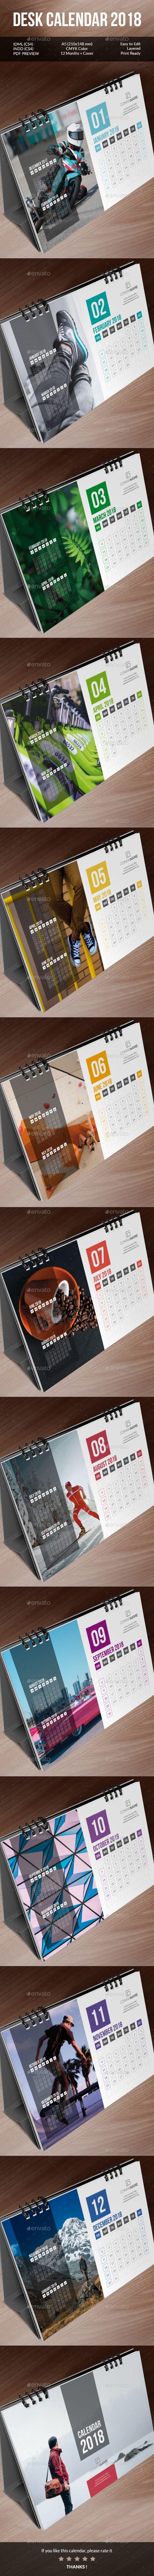 Desk Calendar 2018 Template InDesign INDD